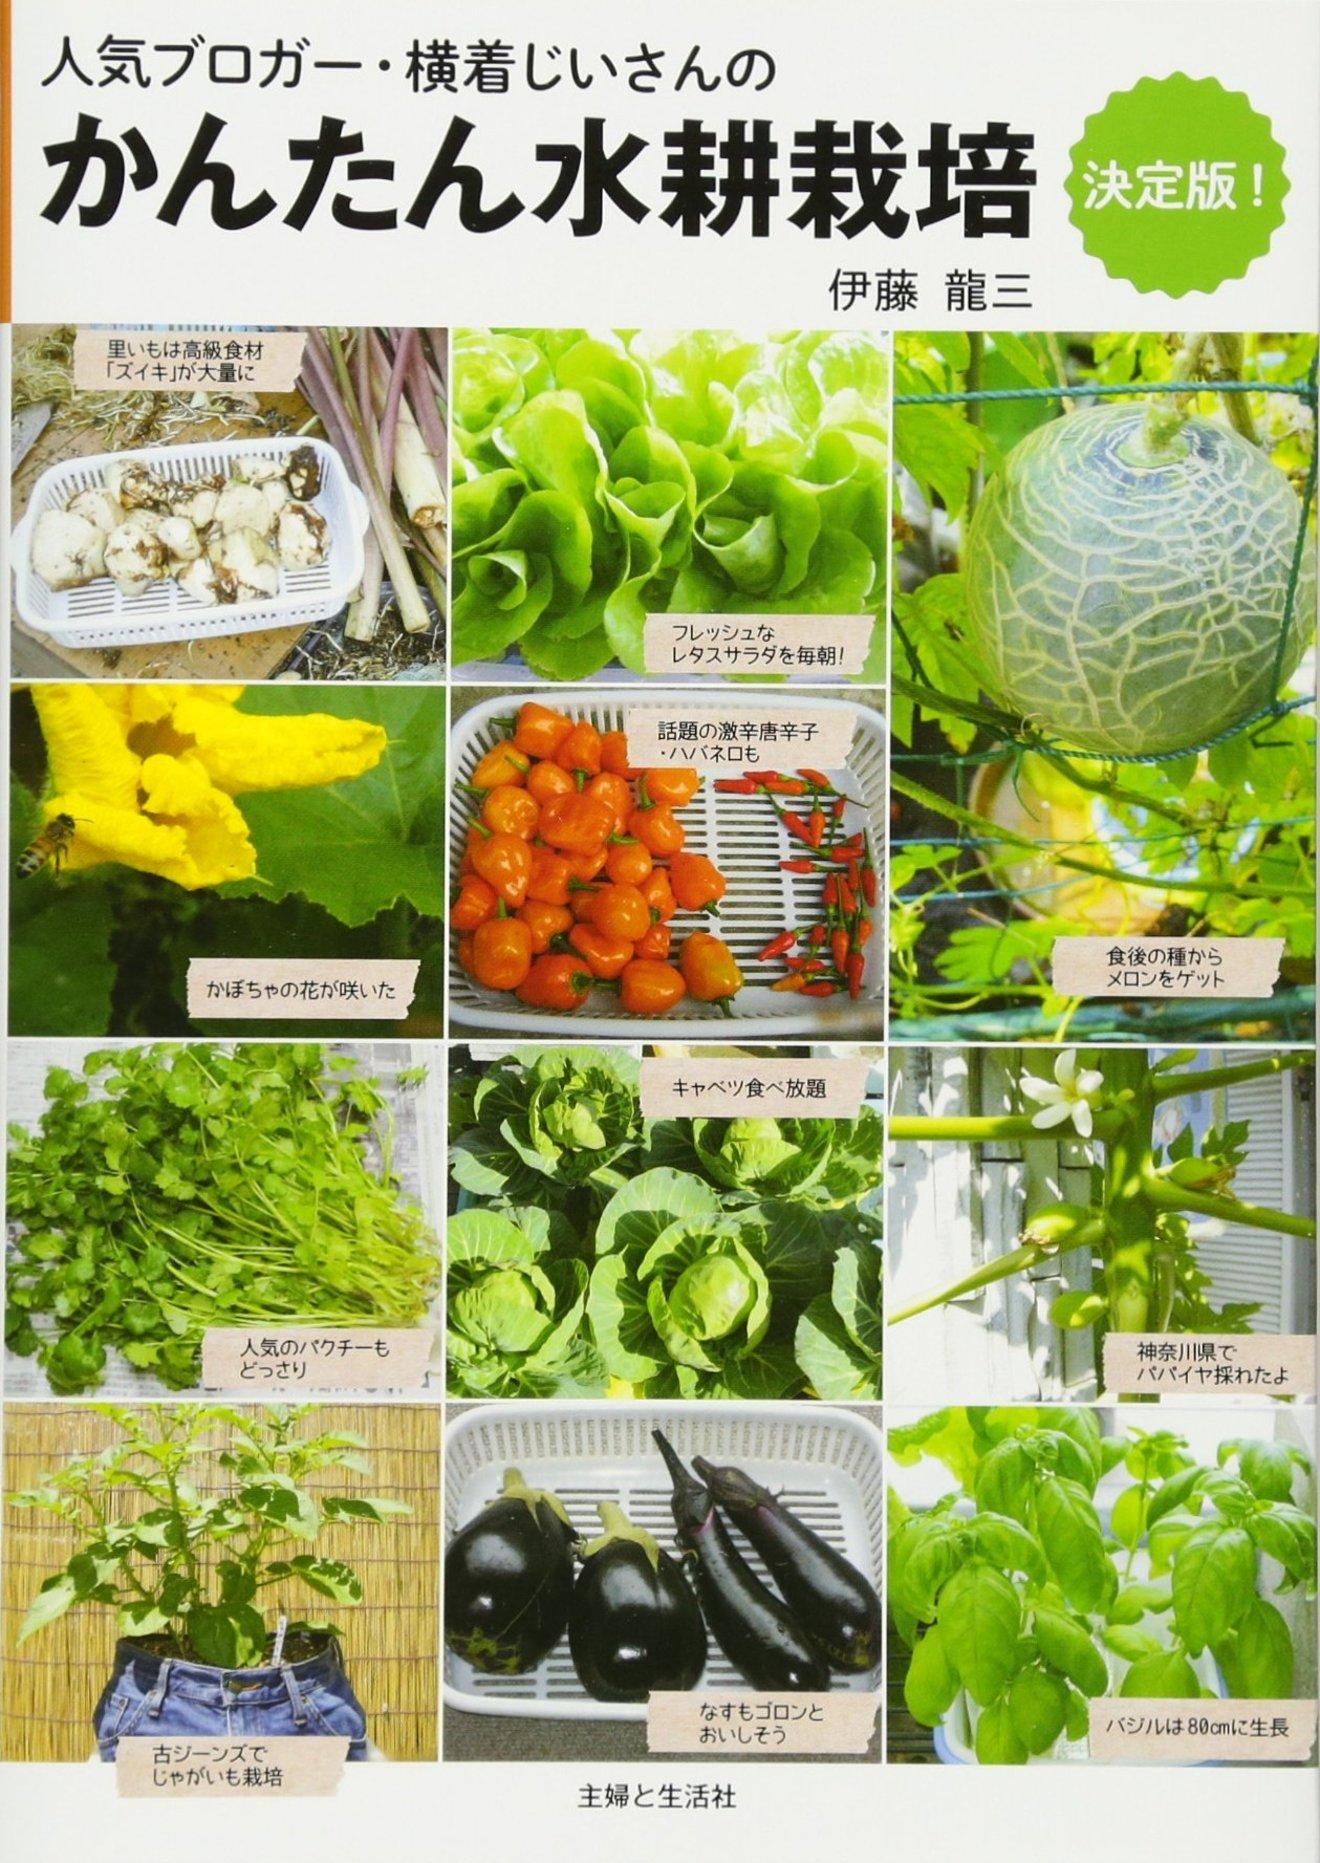 水耕栽培をしたい人必見!育てやすい種類などご紹介!